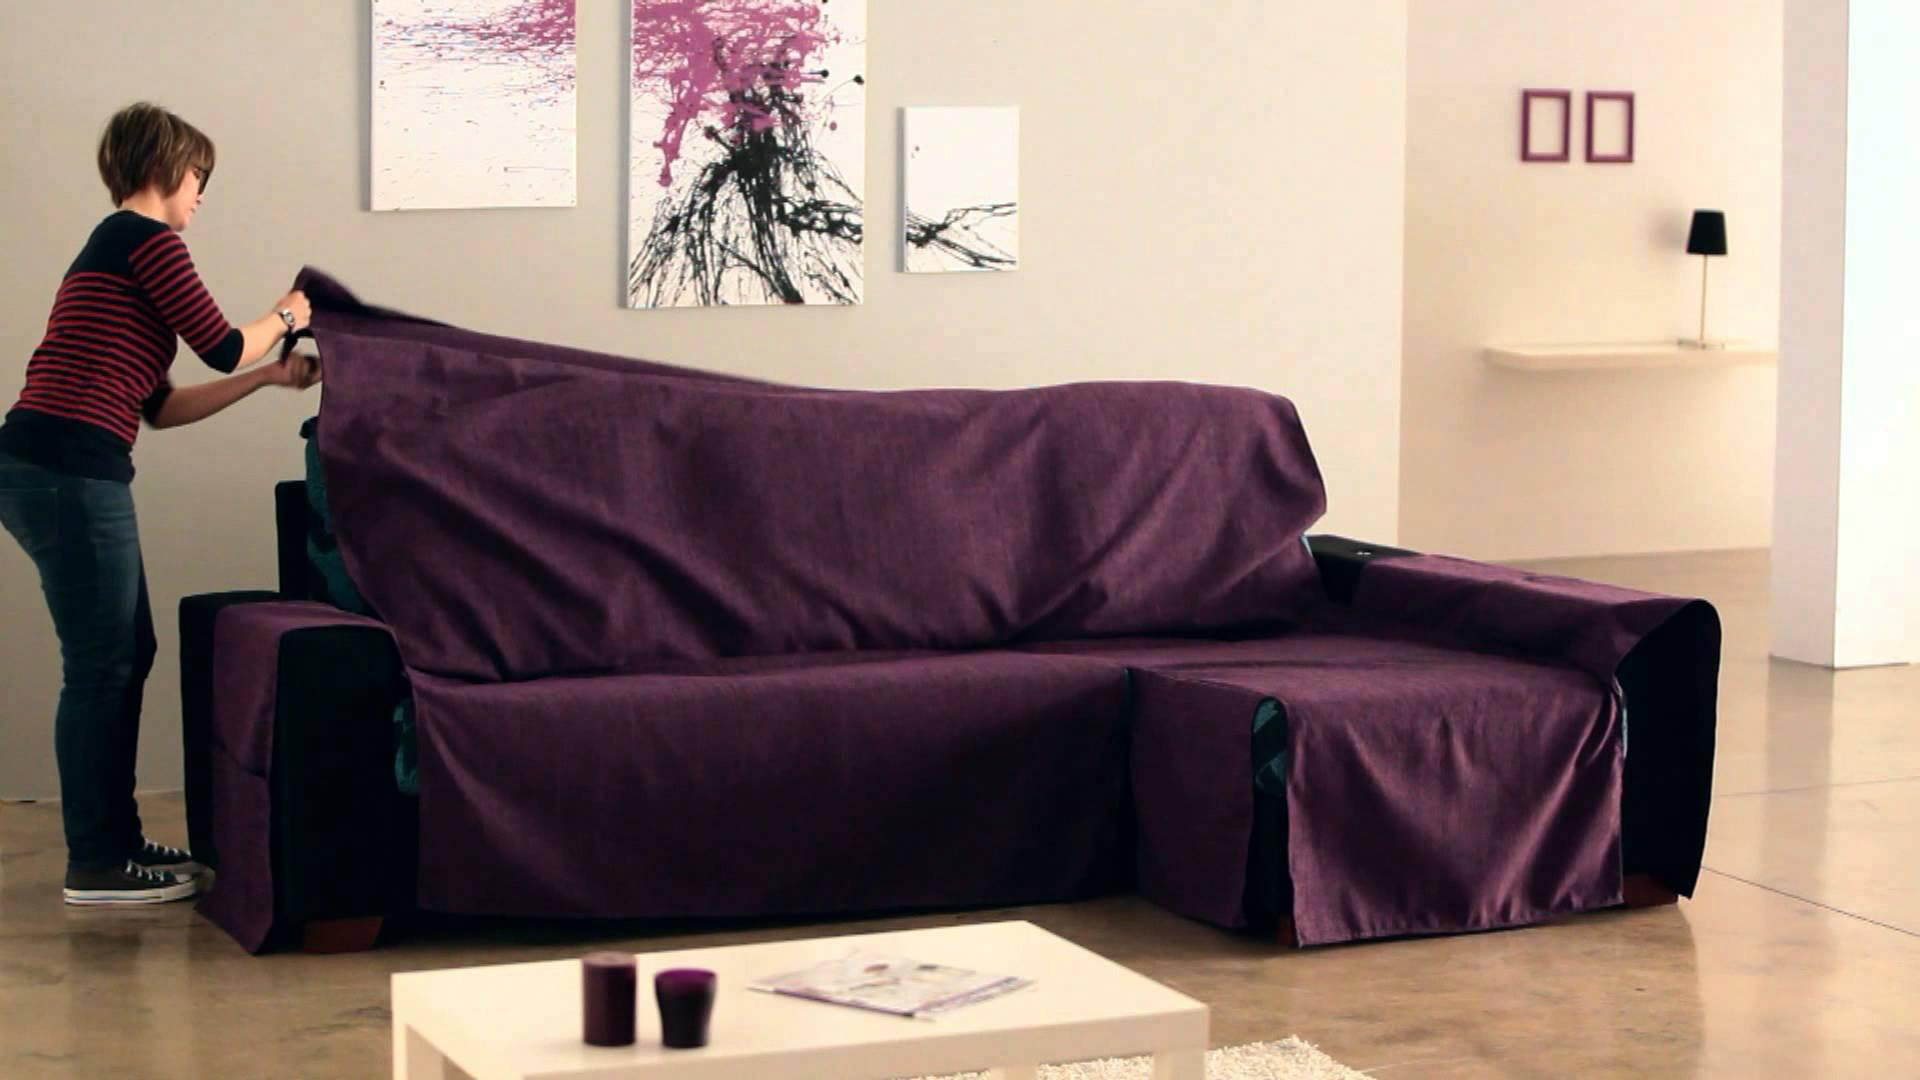 Cubre sofas Carrefour Zwdg El Súper Cubre Piscinas Carrefour Debido A Distinguido 42 Awesome